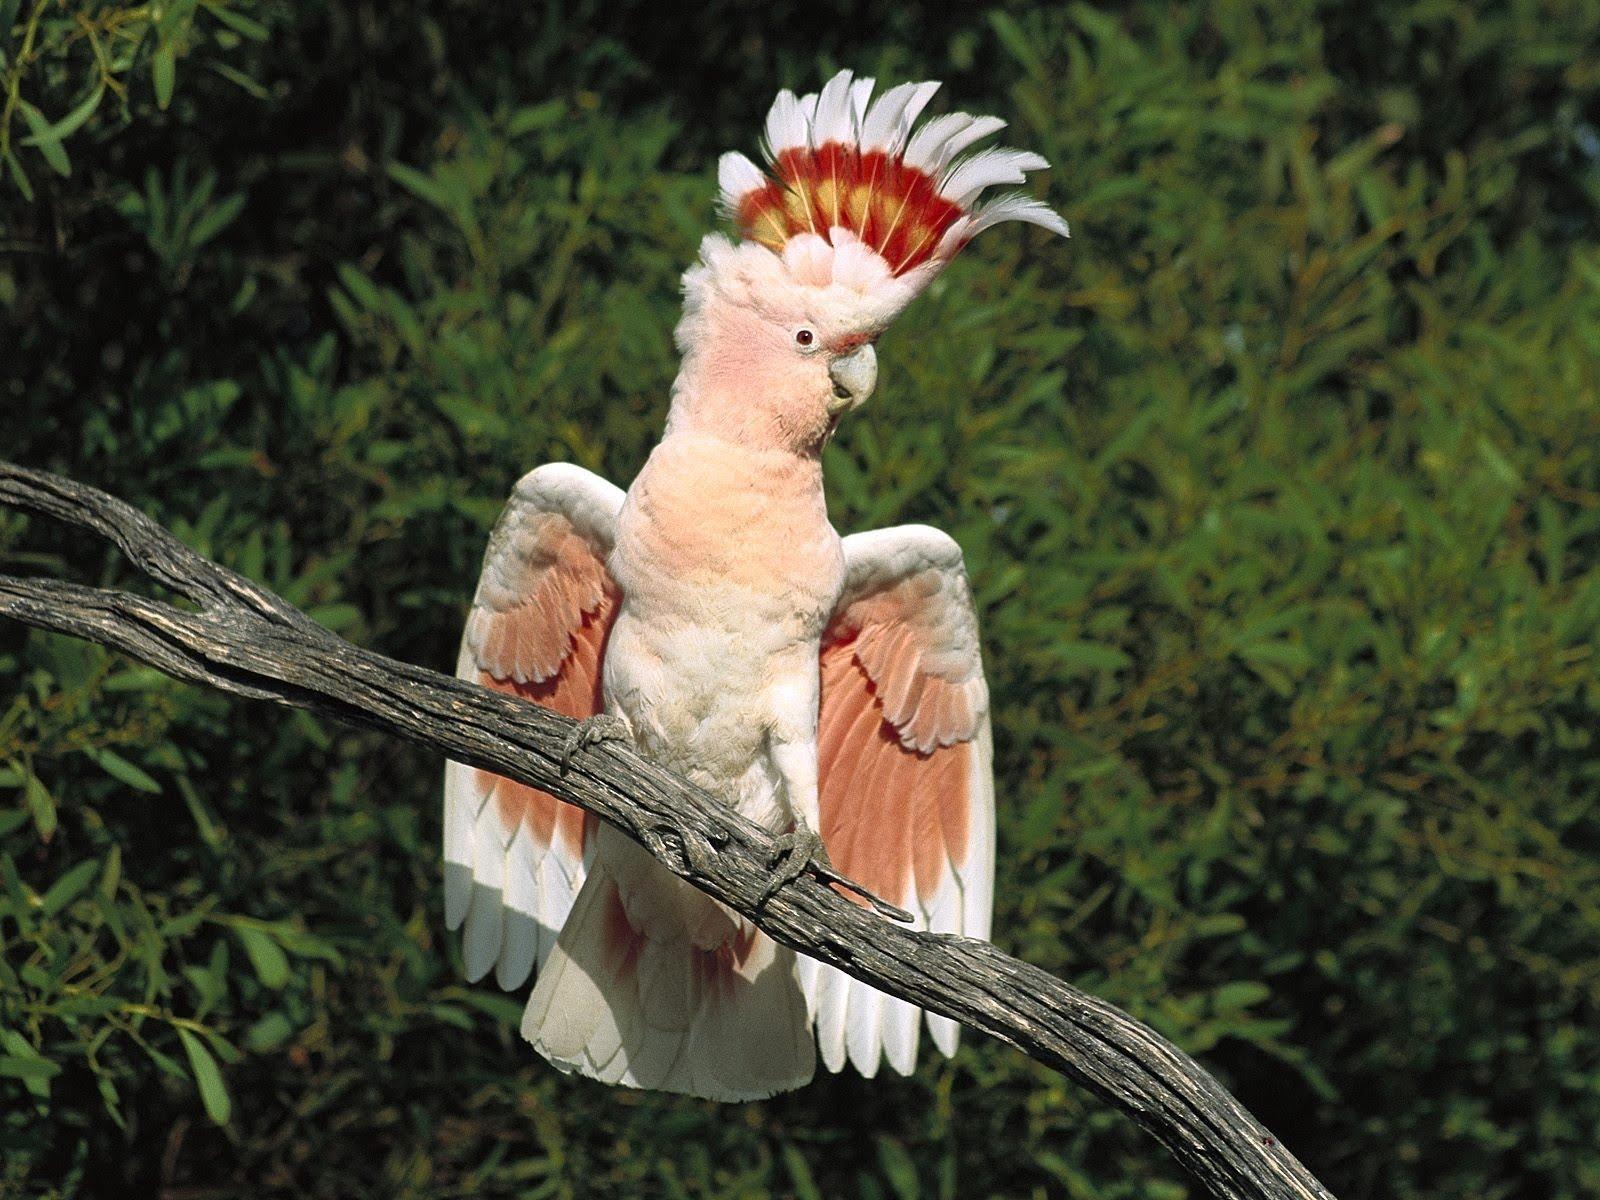 http://2.bp.blogspot.com/_85h0rx9KpUw/TAYUSsfr16I/AAAAAAAACJE/4bwEiUojjqY/s1600/010_Baby_Birds_DGN.jpg